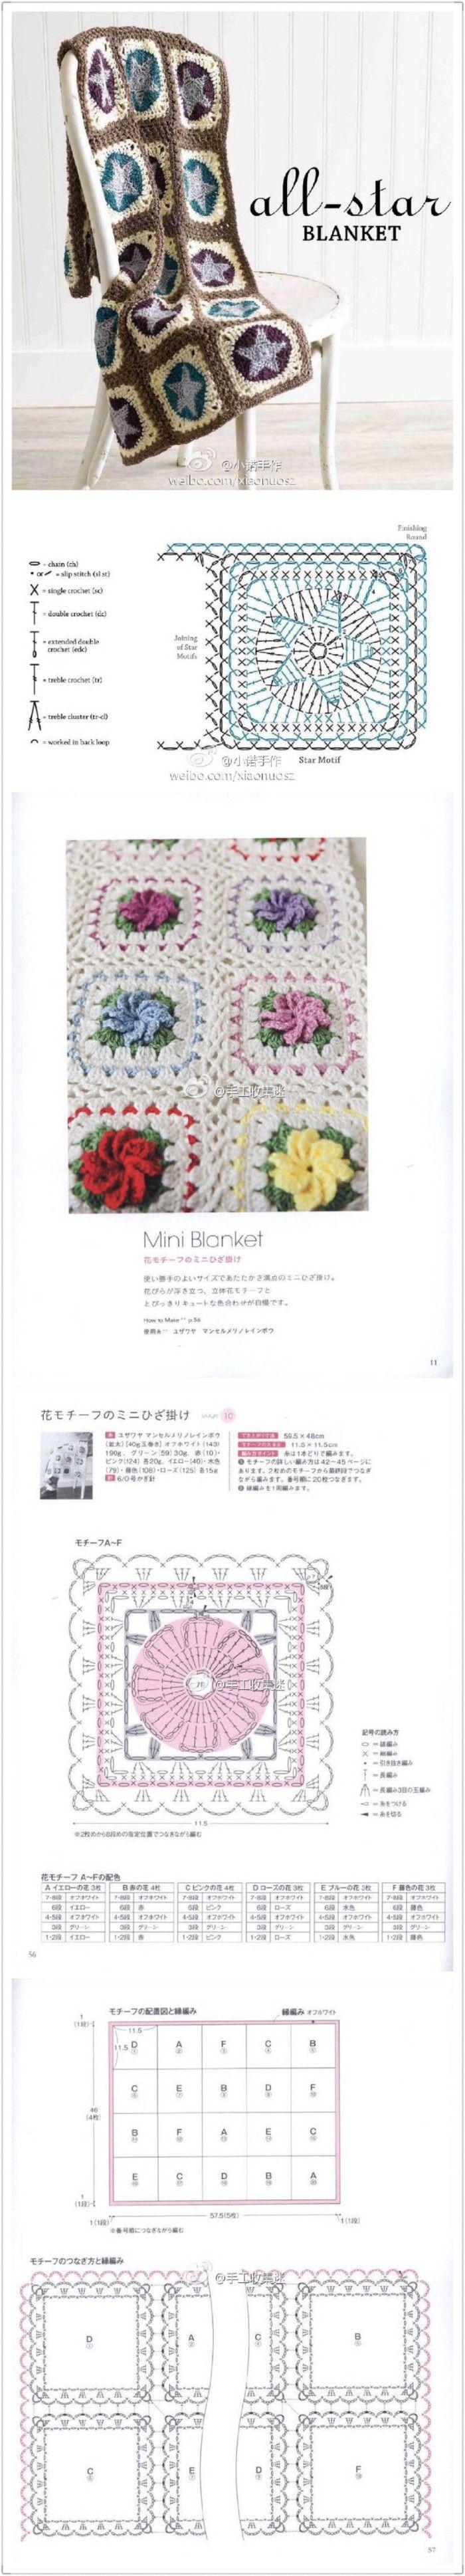 75 best Trapillo images on Pinterest | Crochet granny, Crochet ...